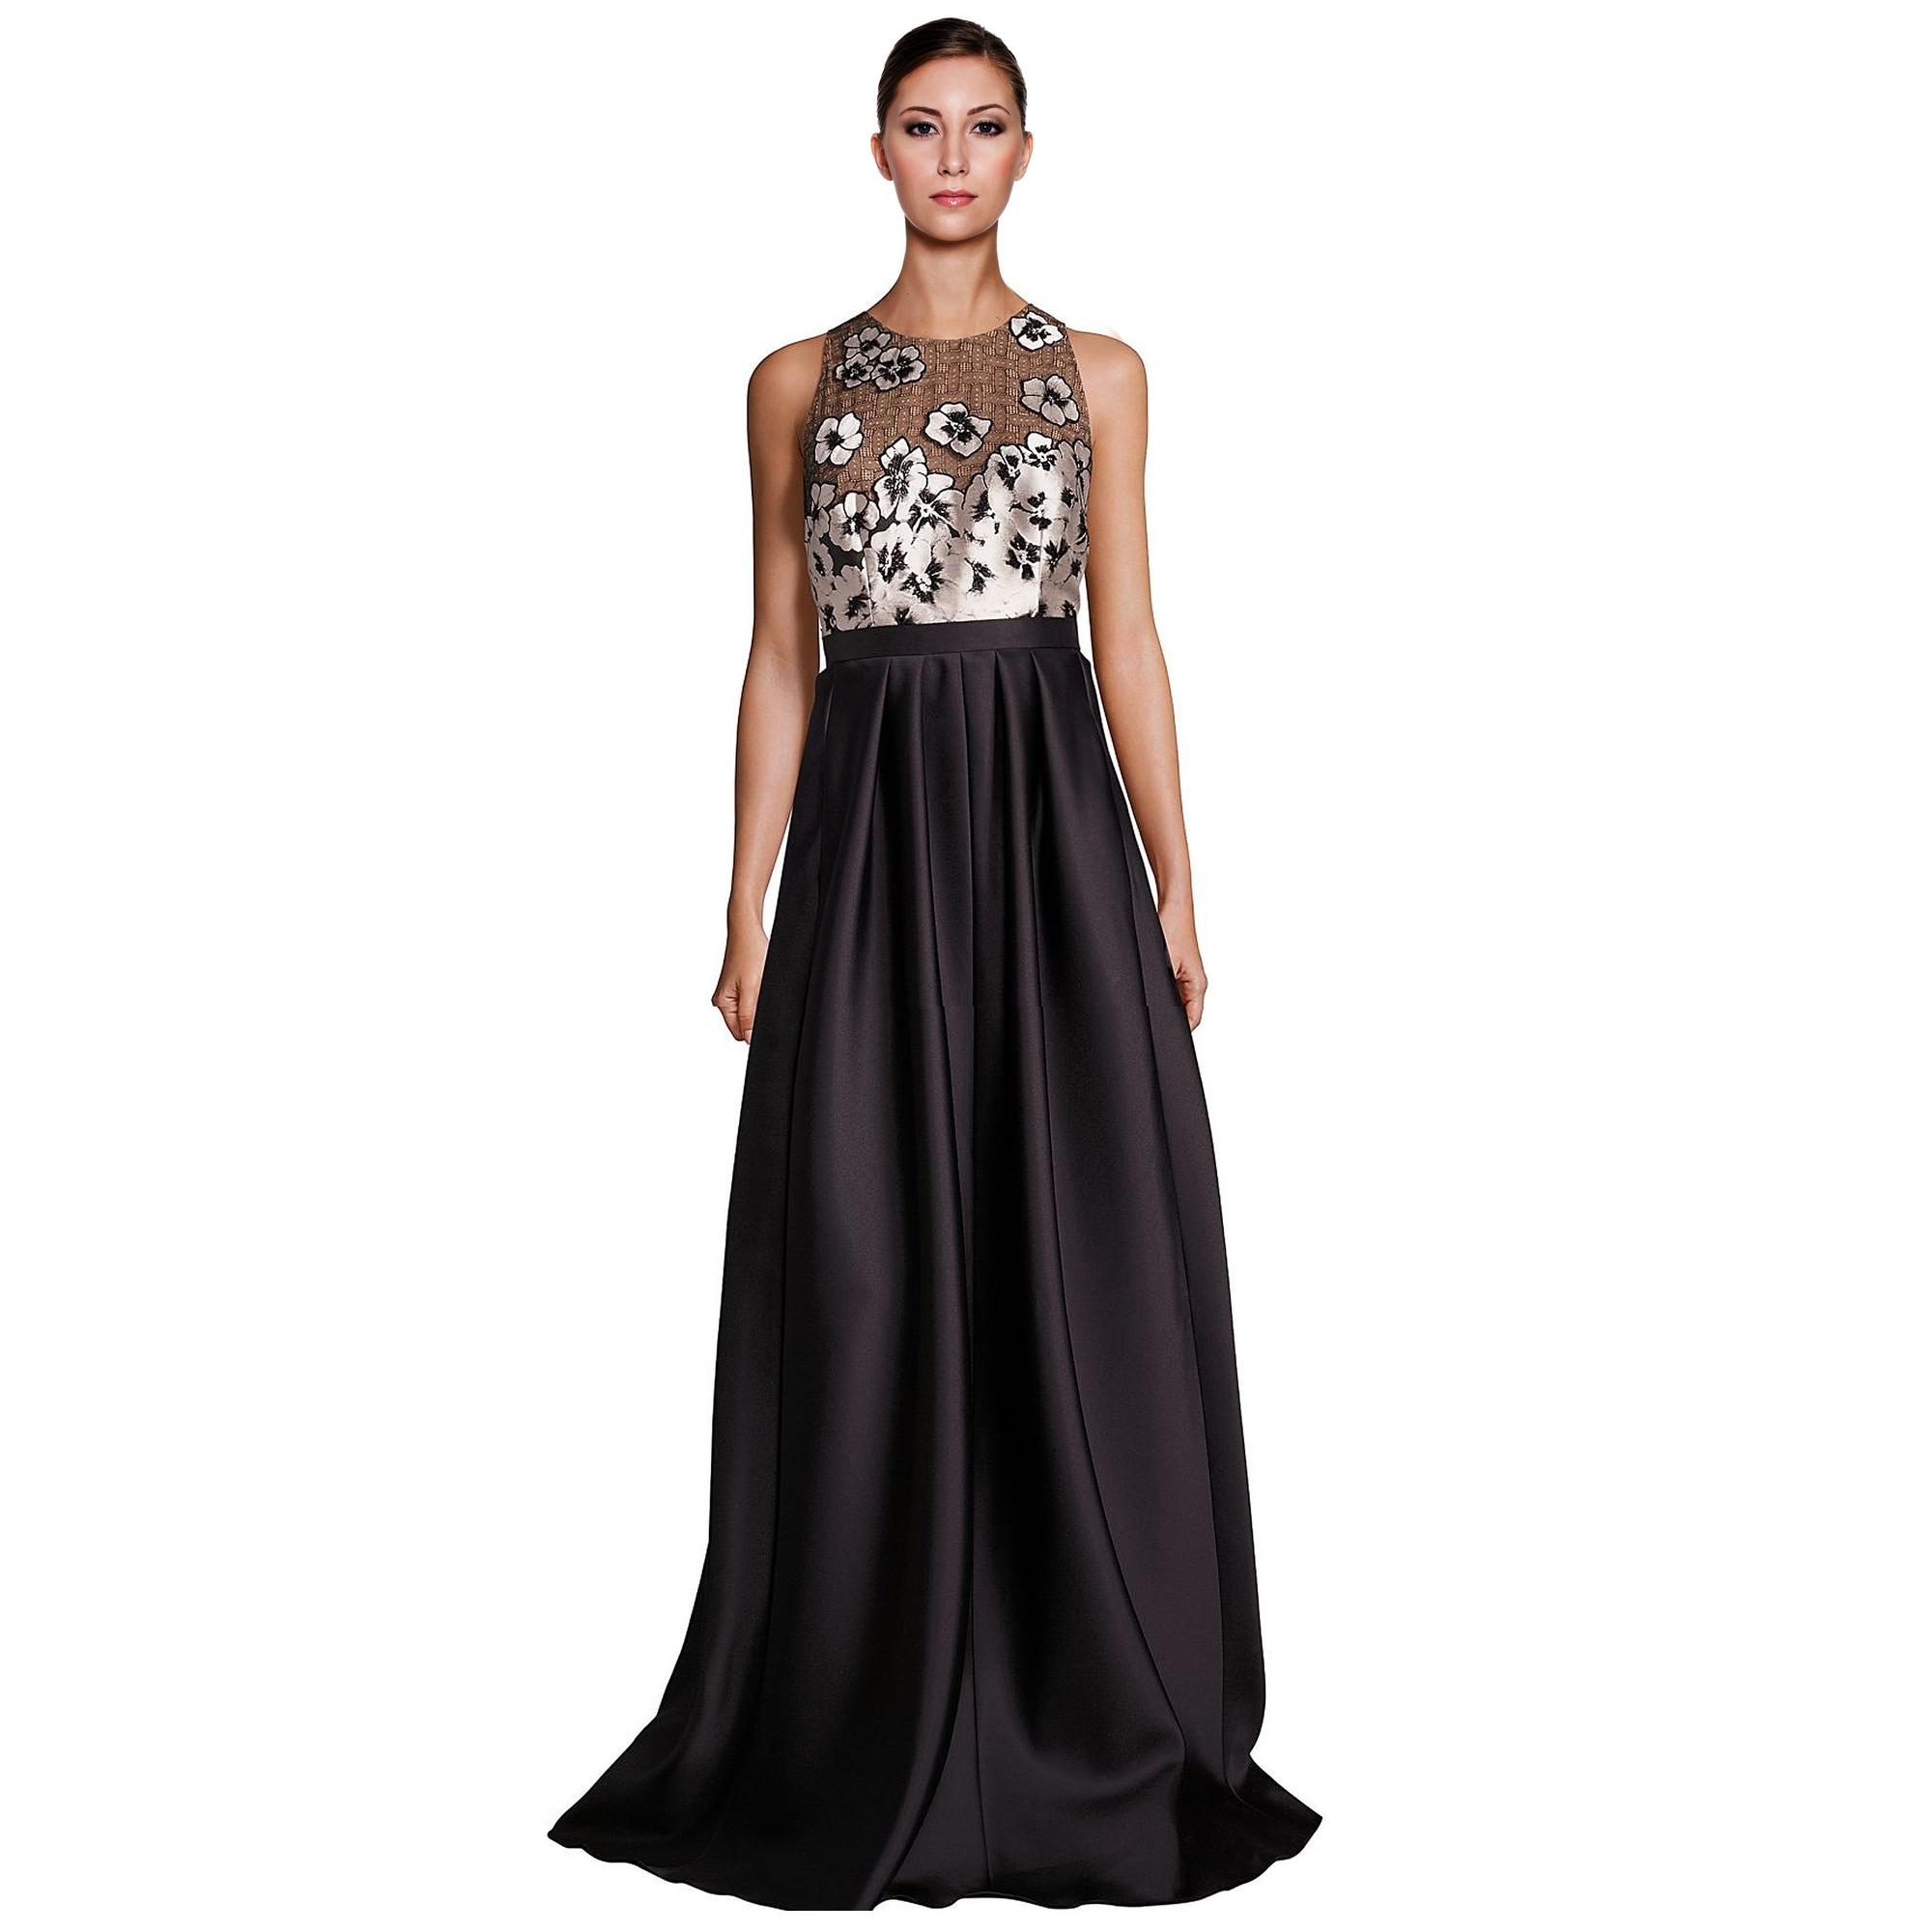 cd6532c187 Carmen Marc Valvo Embellished Floral Applique Evening Gown Dress Black Cream